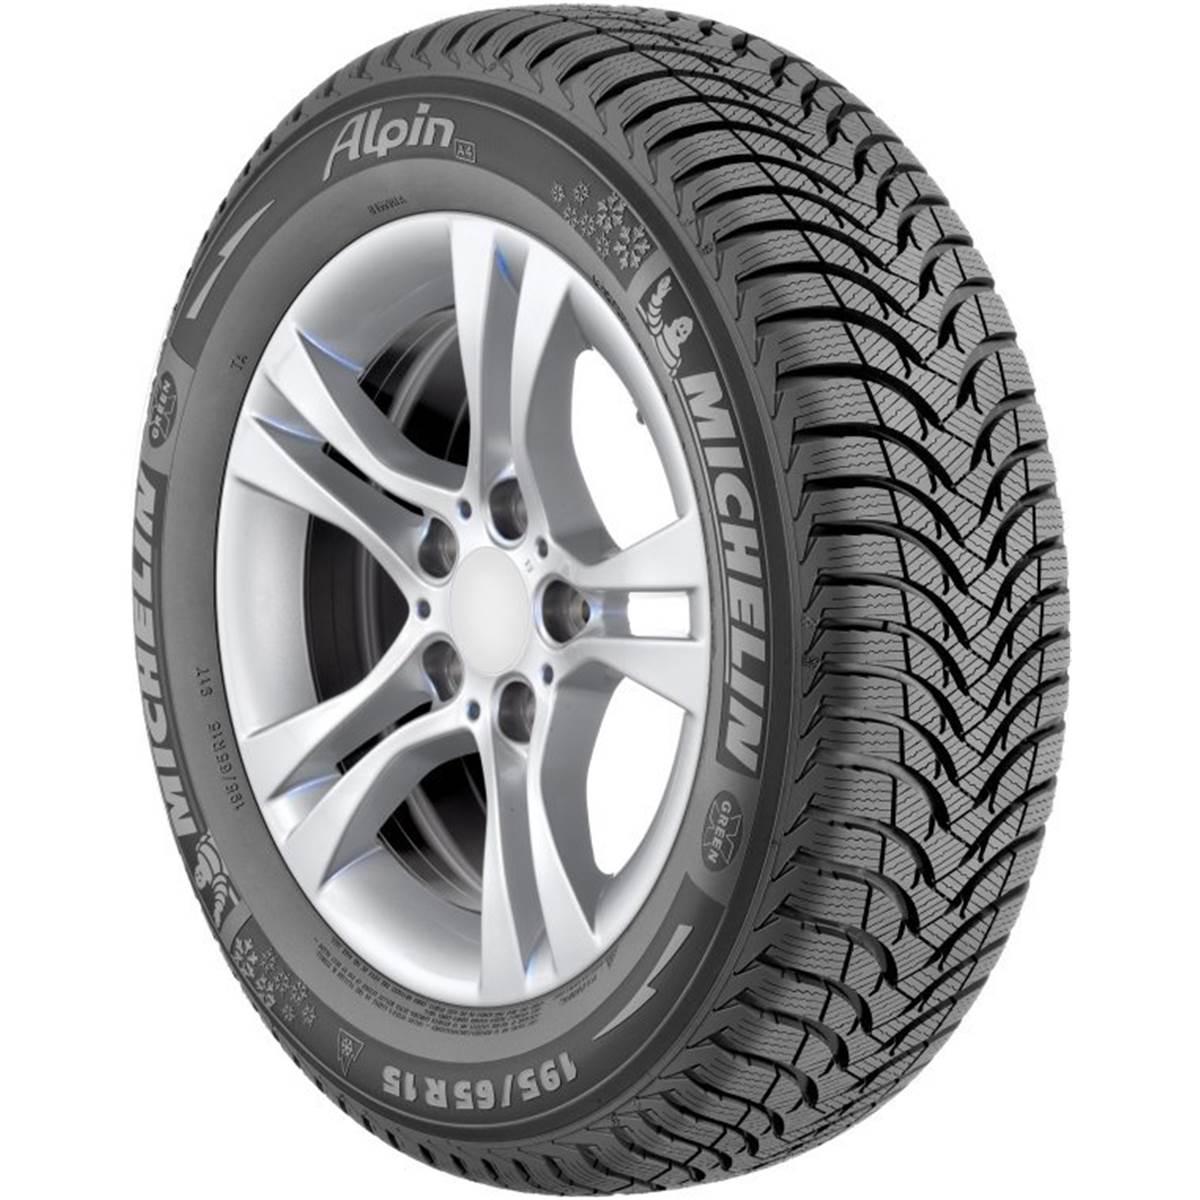 Pneu Hiver Michelin 215/60R17 96H Alpin A4